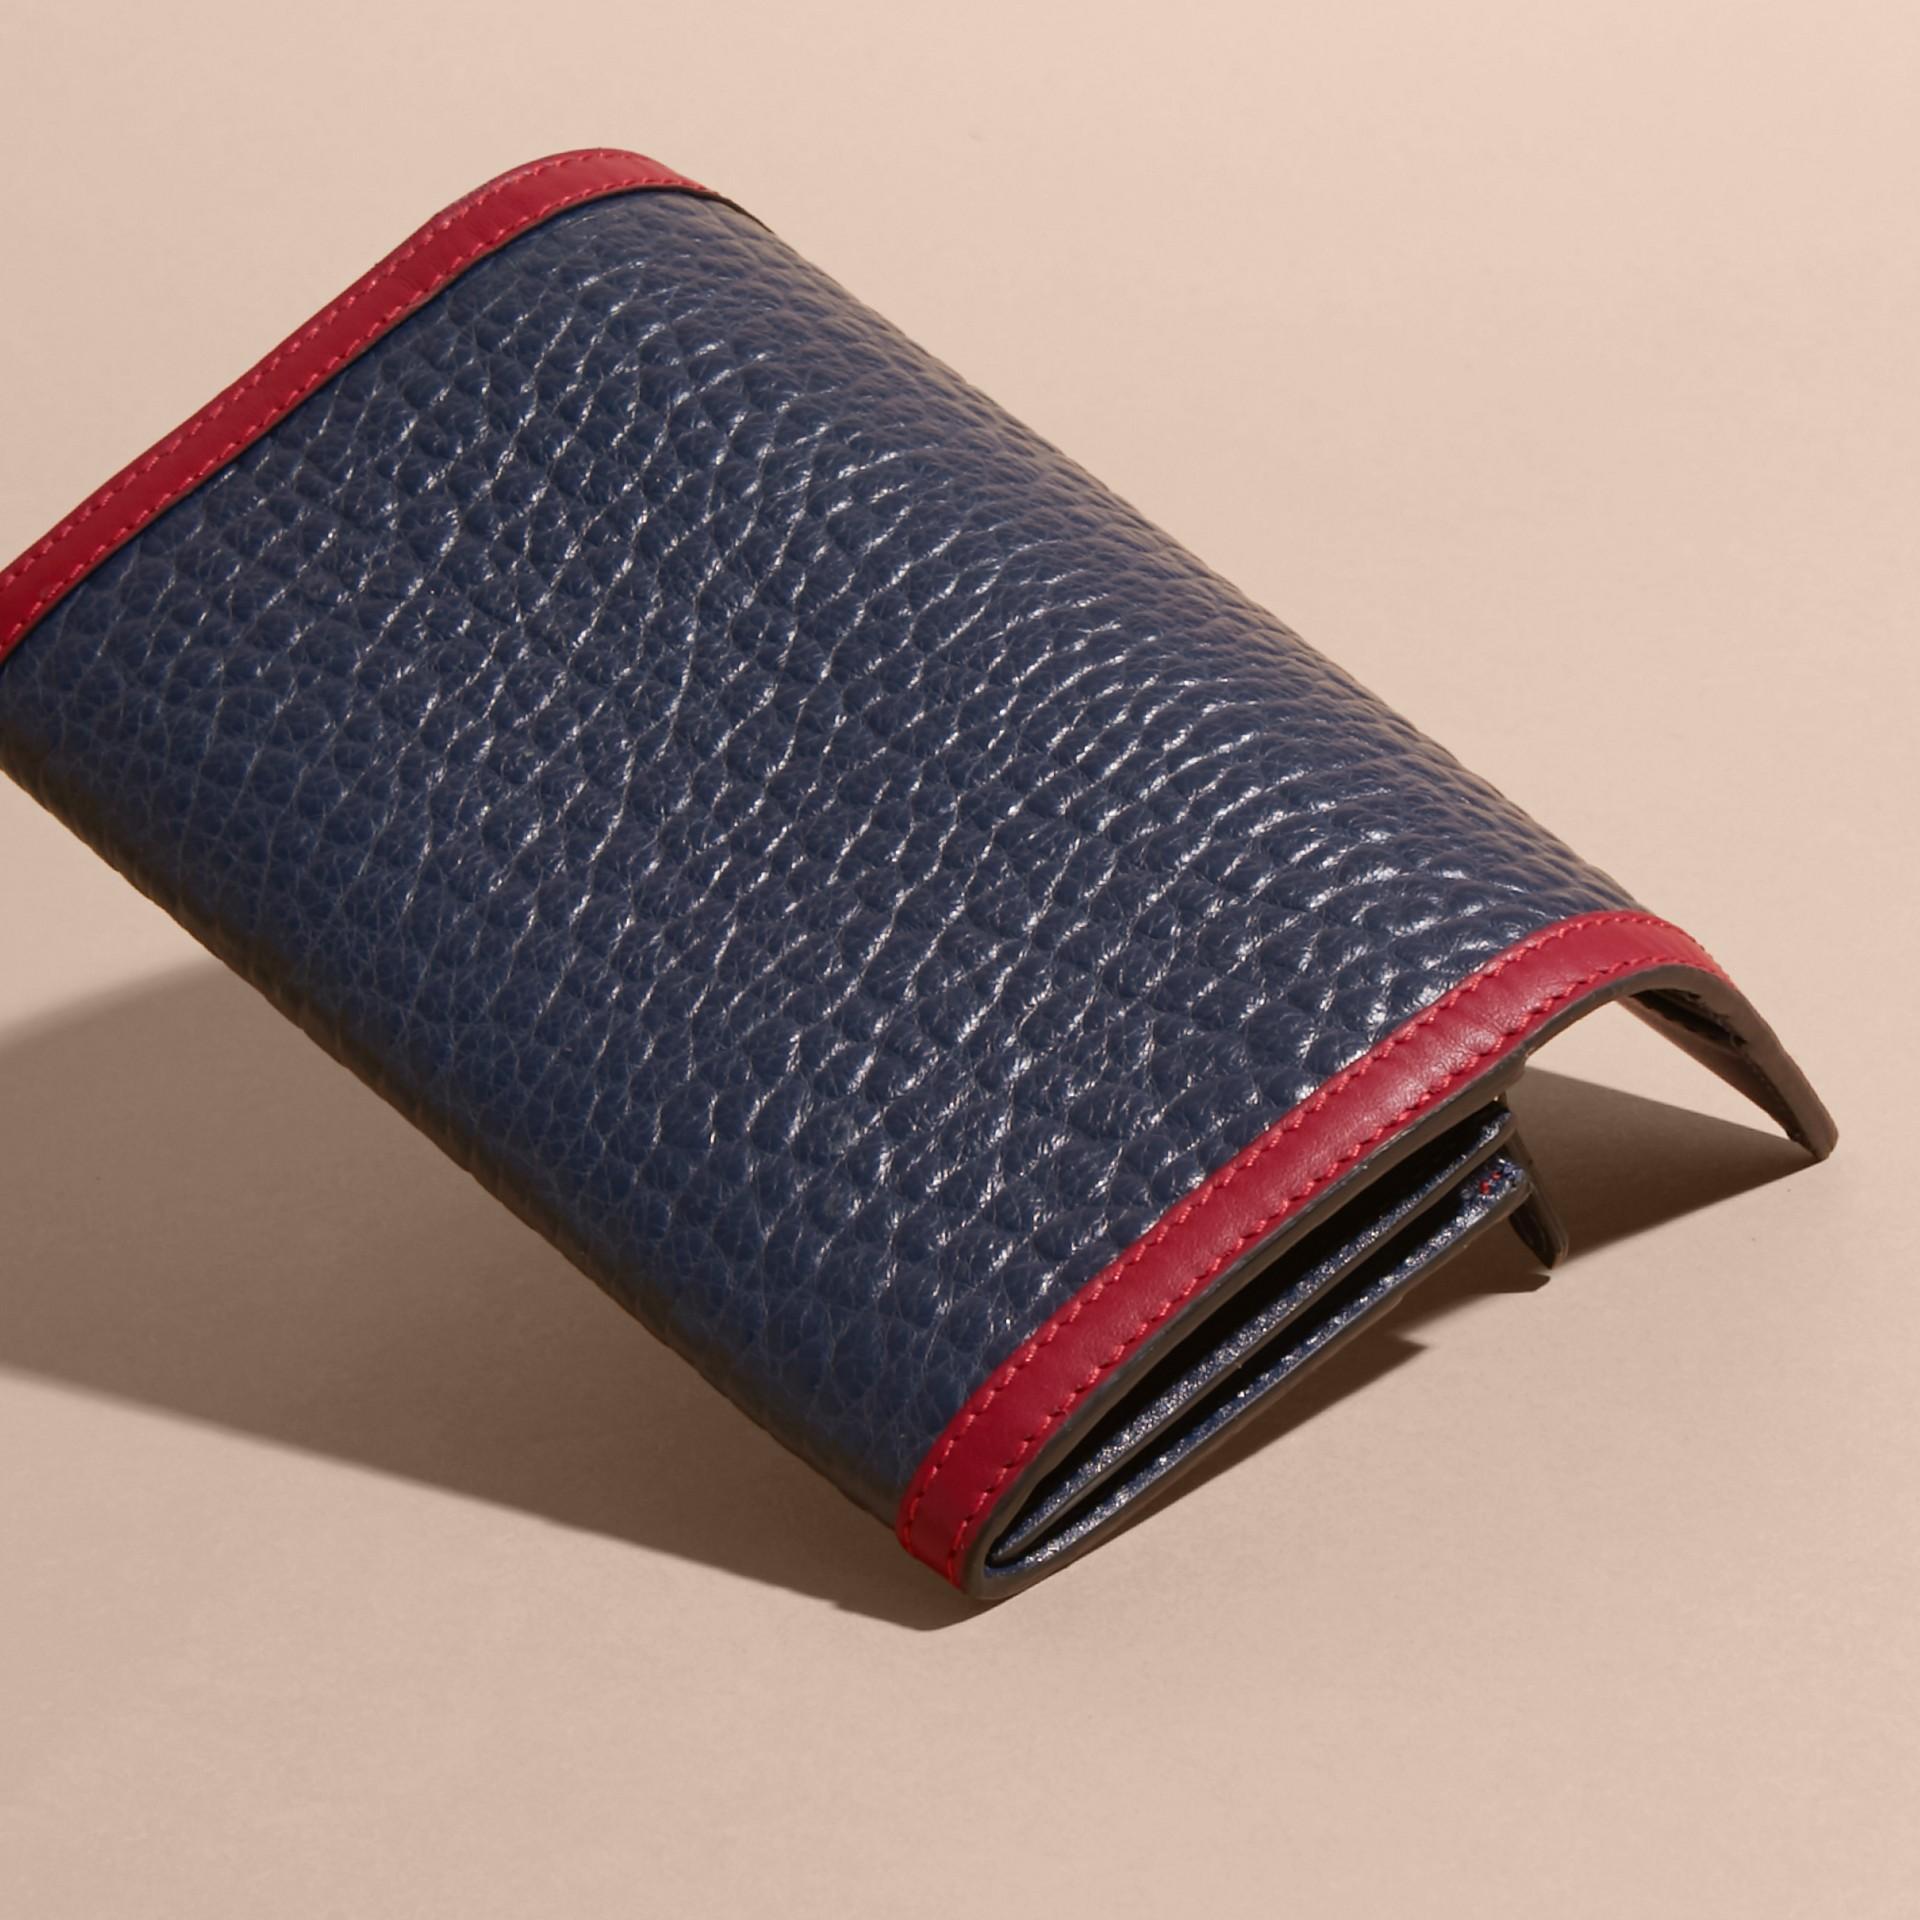 Blu carbonio/rosso parata Portafoglio continental in pelle a grana Burberry con bordo a contrasto - immagine della galleria 4